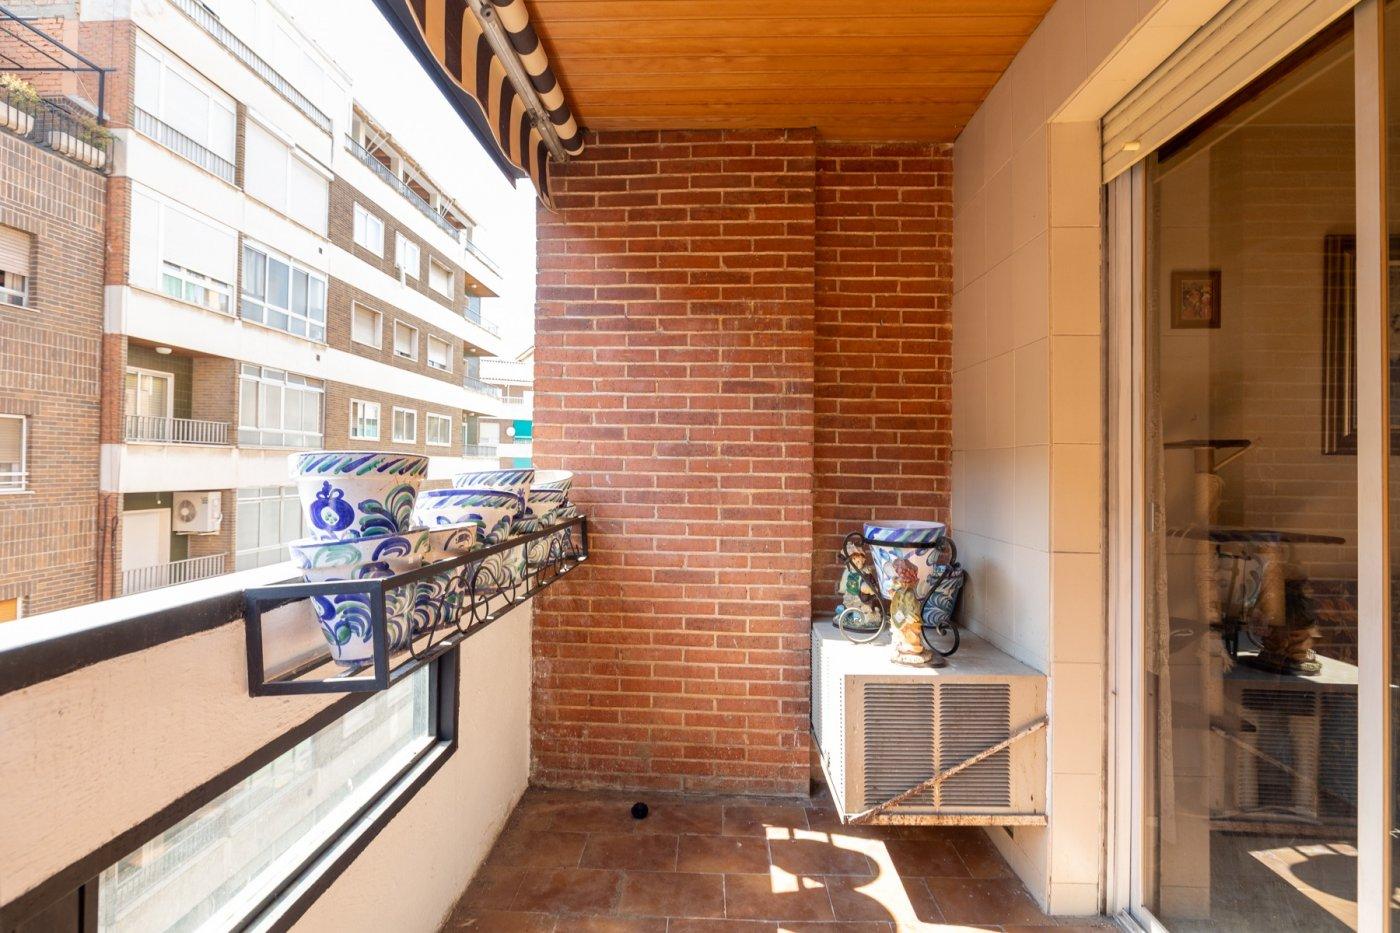 Calle trajano. amplio piso de 5 dormitorios y 3 baños. calefacción central. plaza de garaje incluida